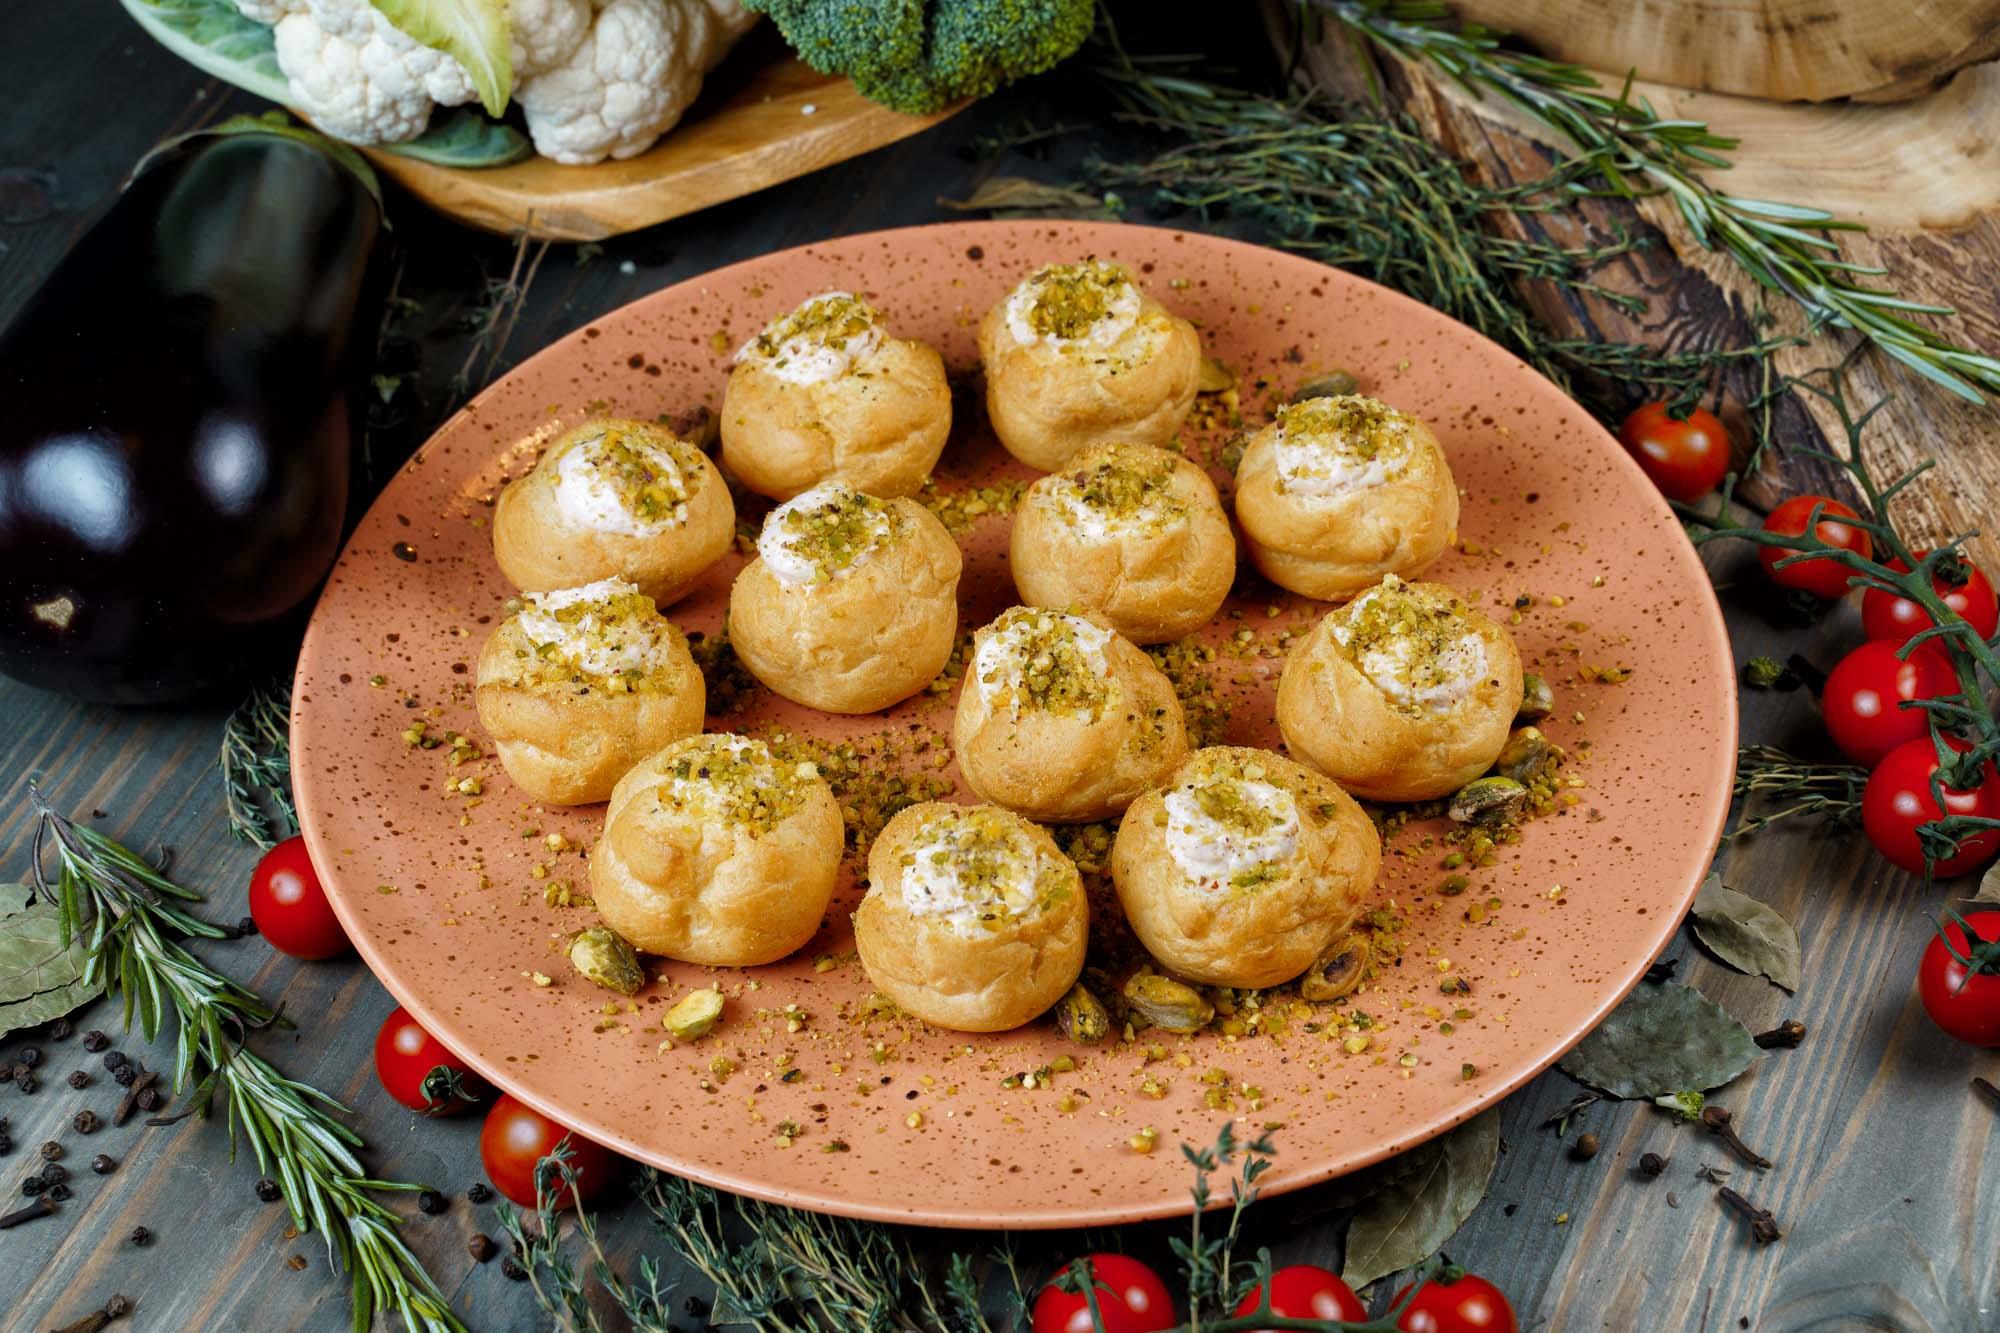 СЕТ №23 Мини профитроли закусочные с лососем холодного копчения и сыром 18 шт по 30 гр